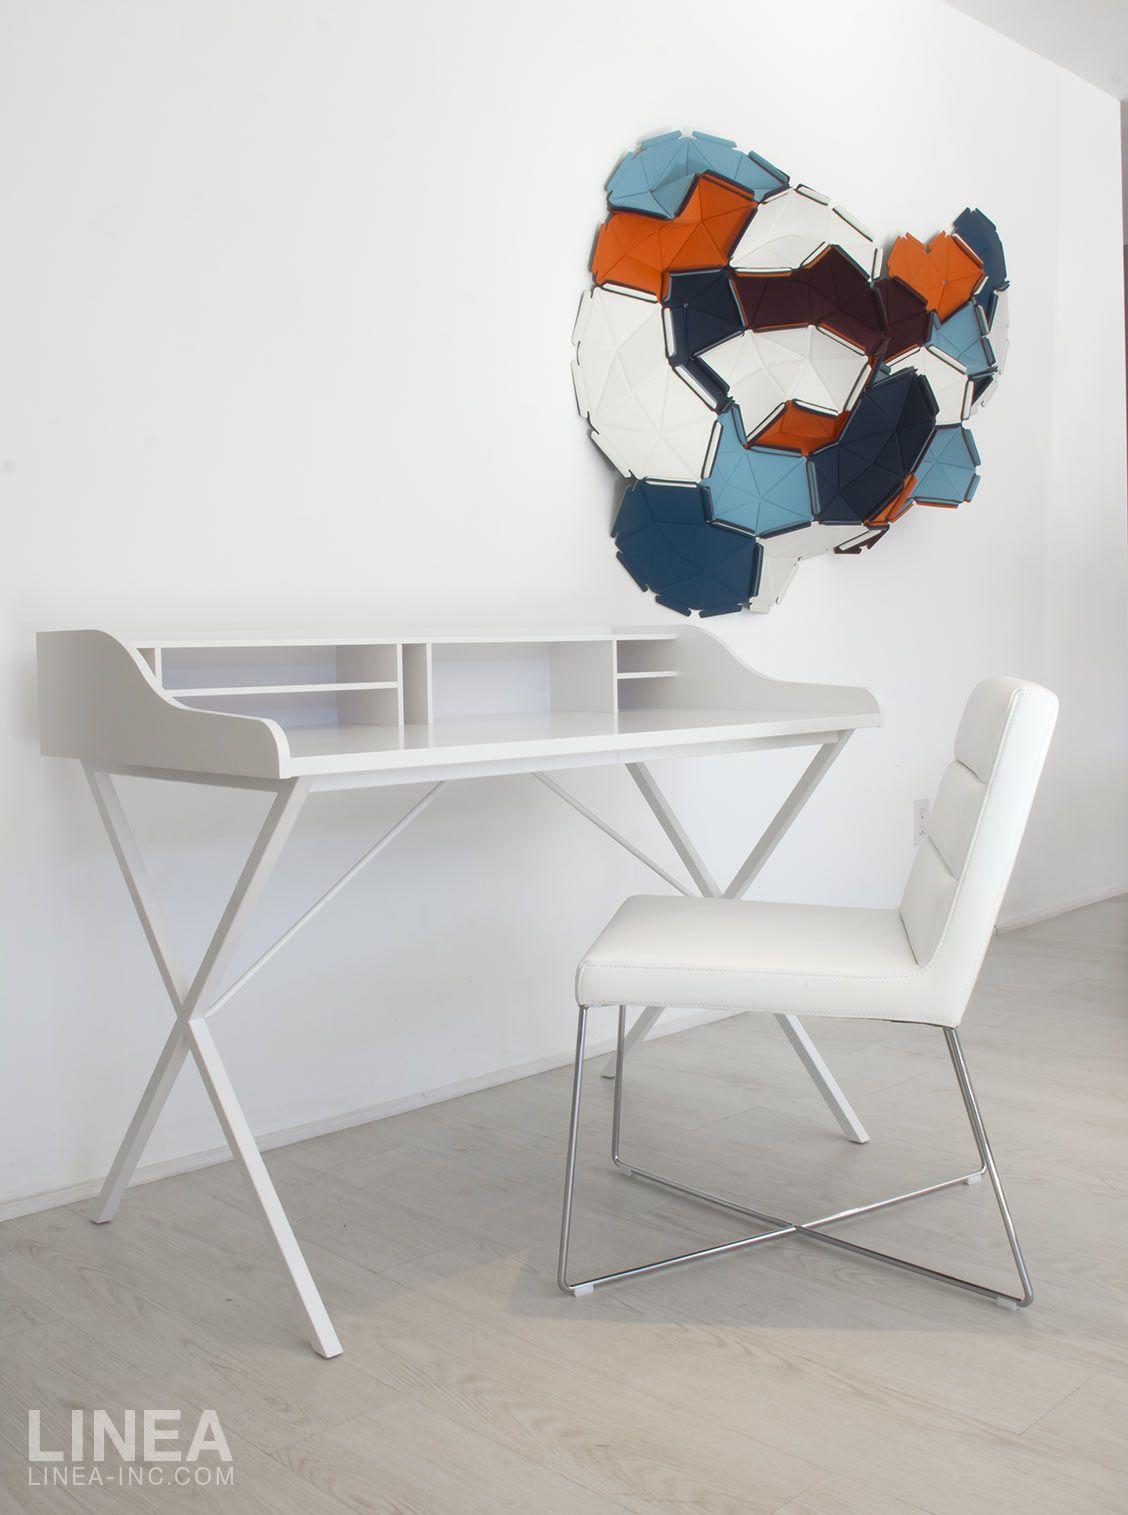 new in the showroom 1 10 15 ursuline designed by pierre paulin for ligne roset 2009. Black Bedroom Furniture Sets. Home Design Ideas